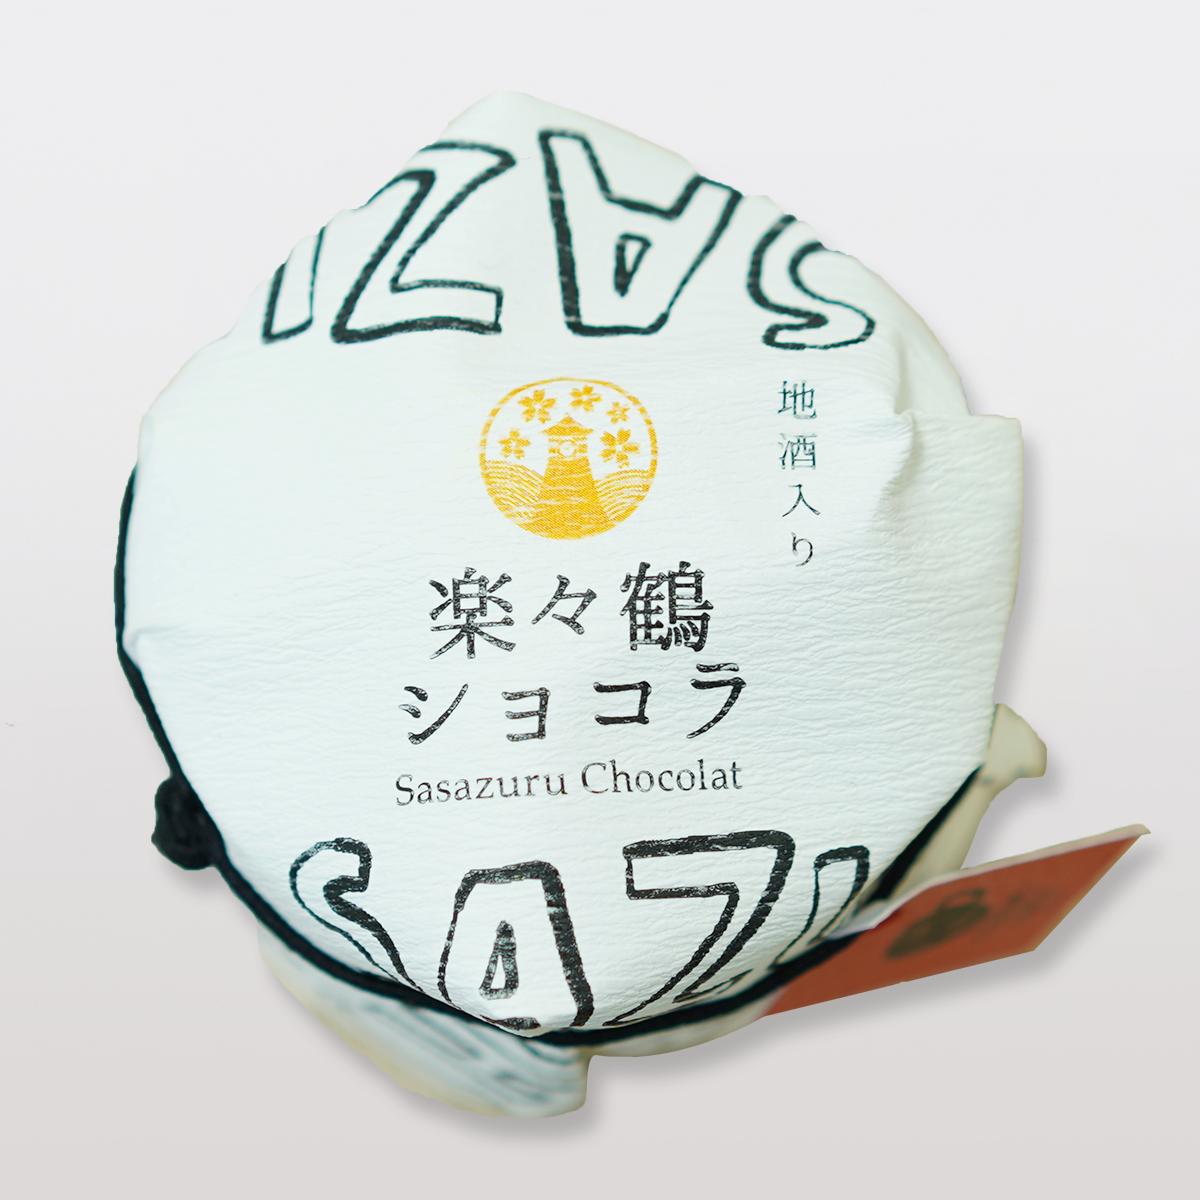 楽々鶴ショコラ(冬季限定)